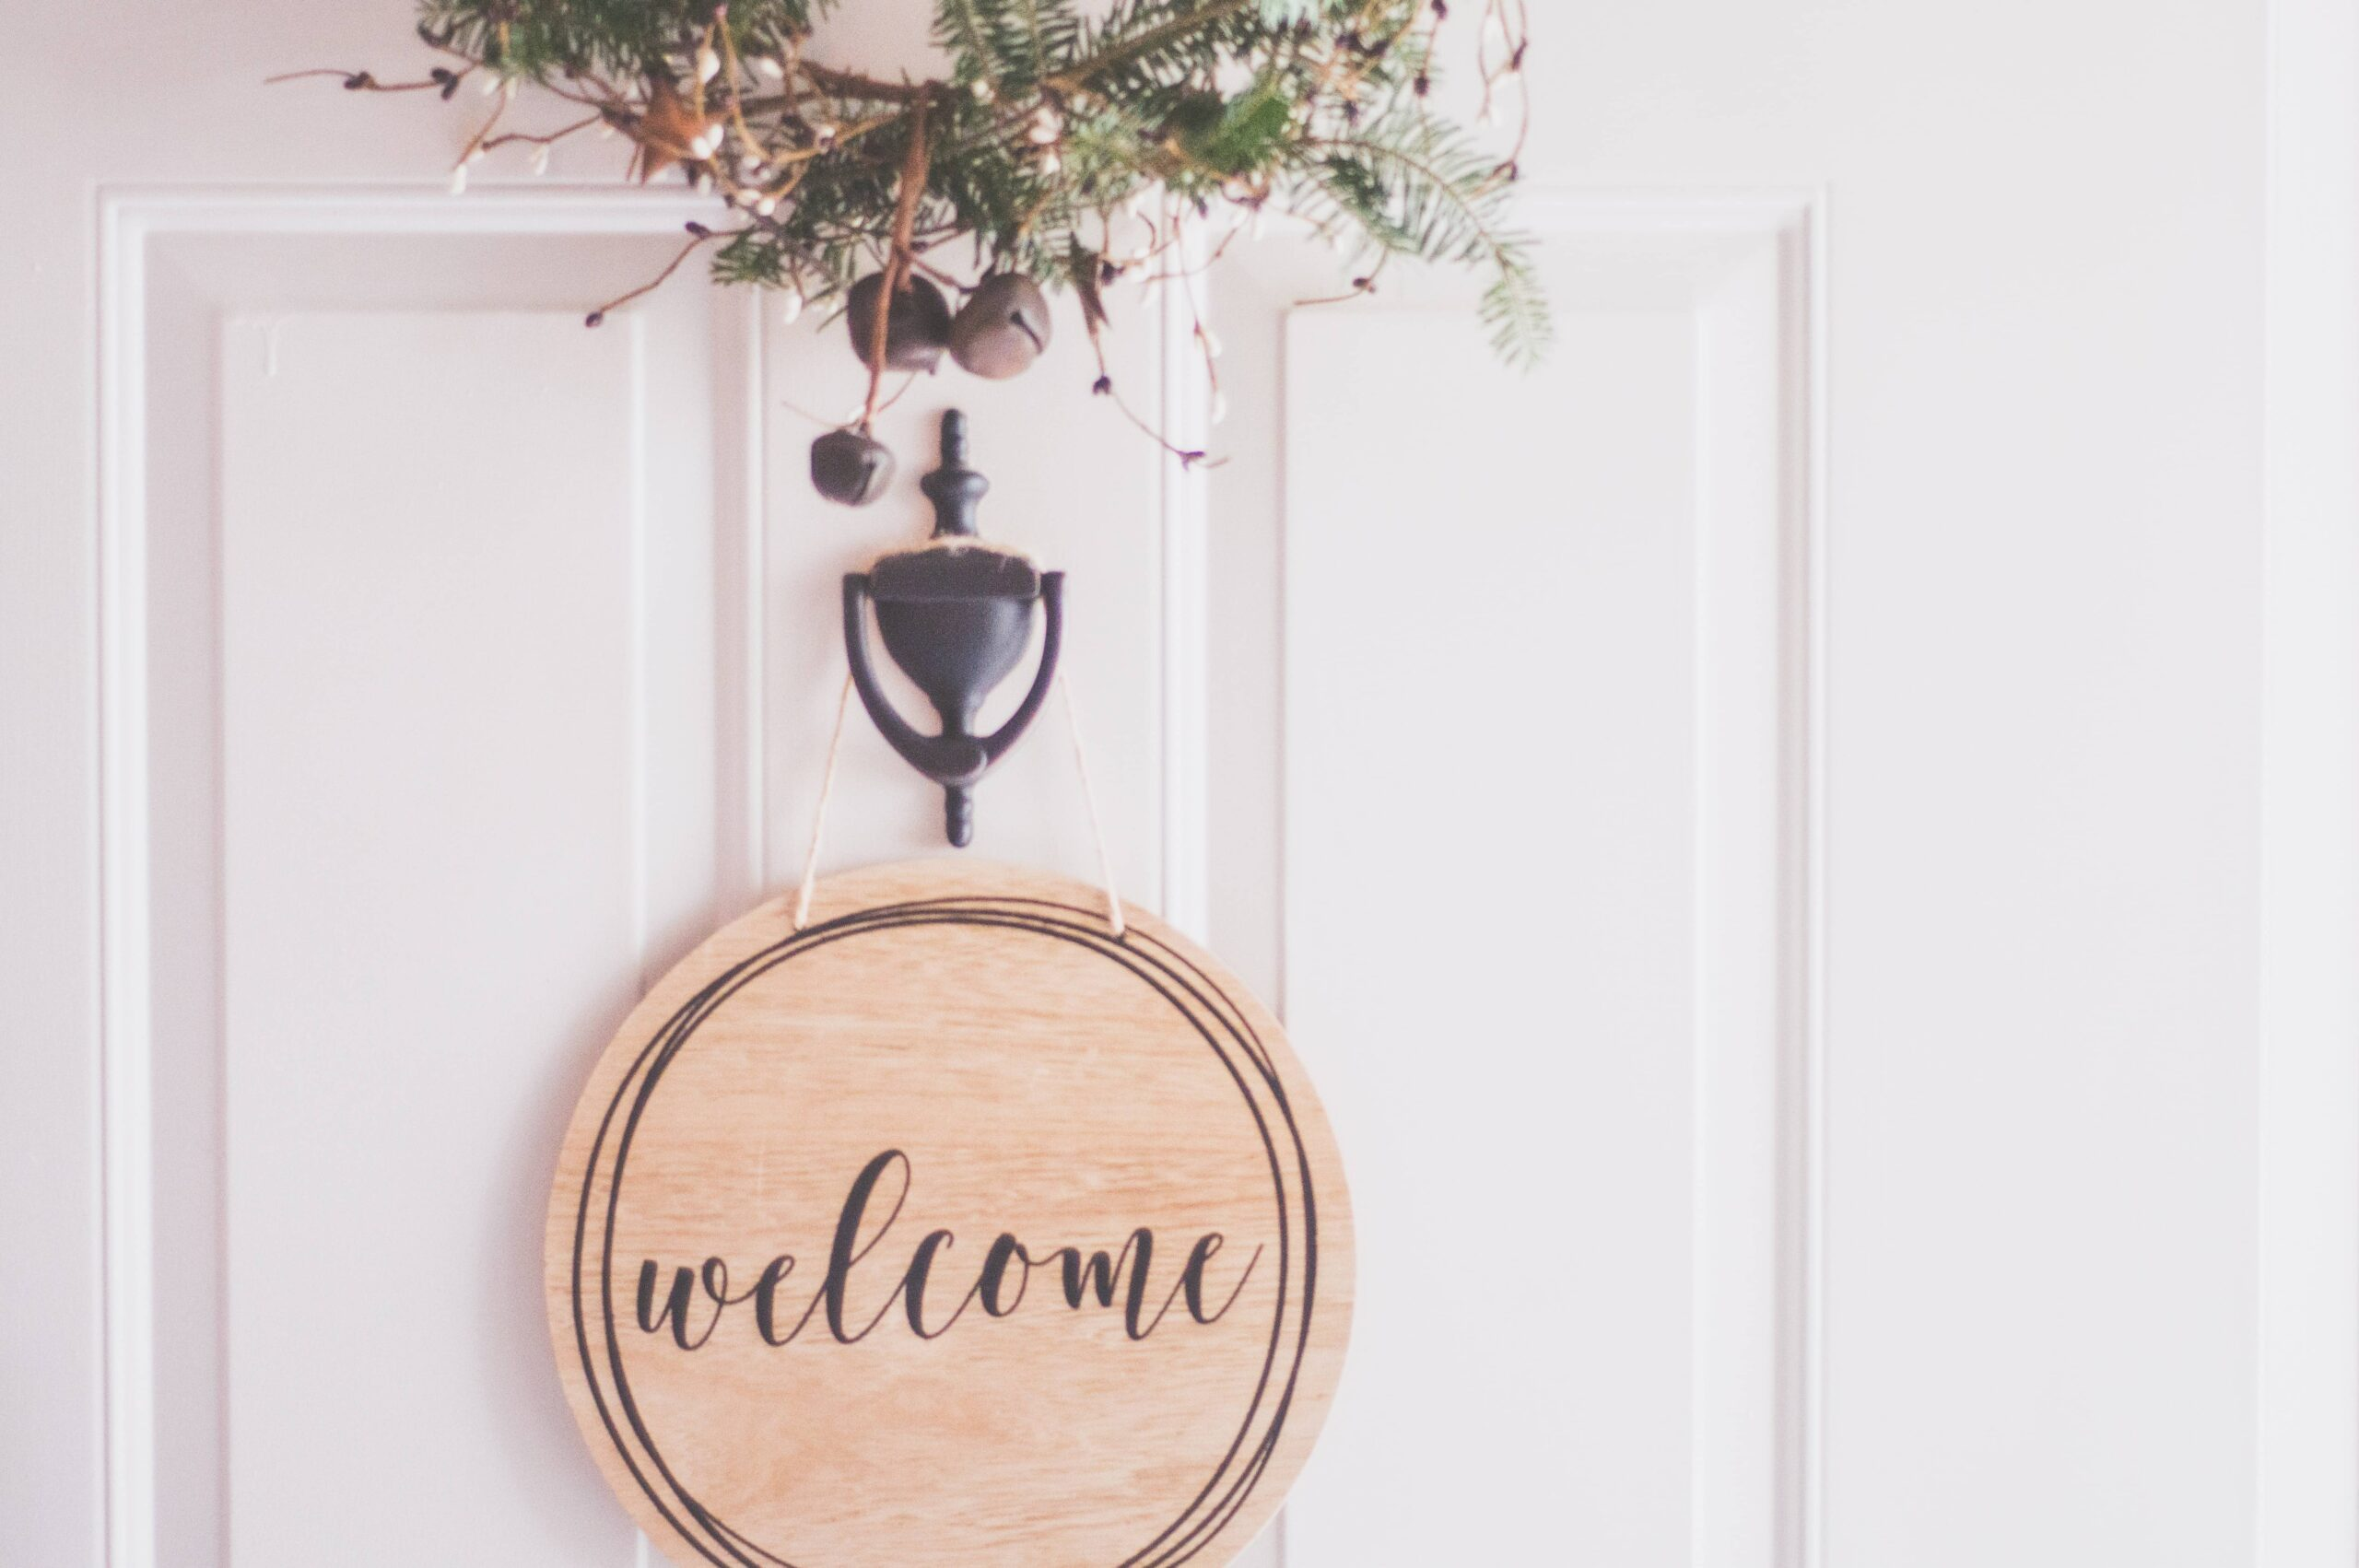 bienvenue-naturellement-divin-compte